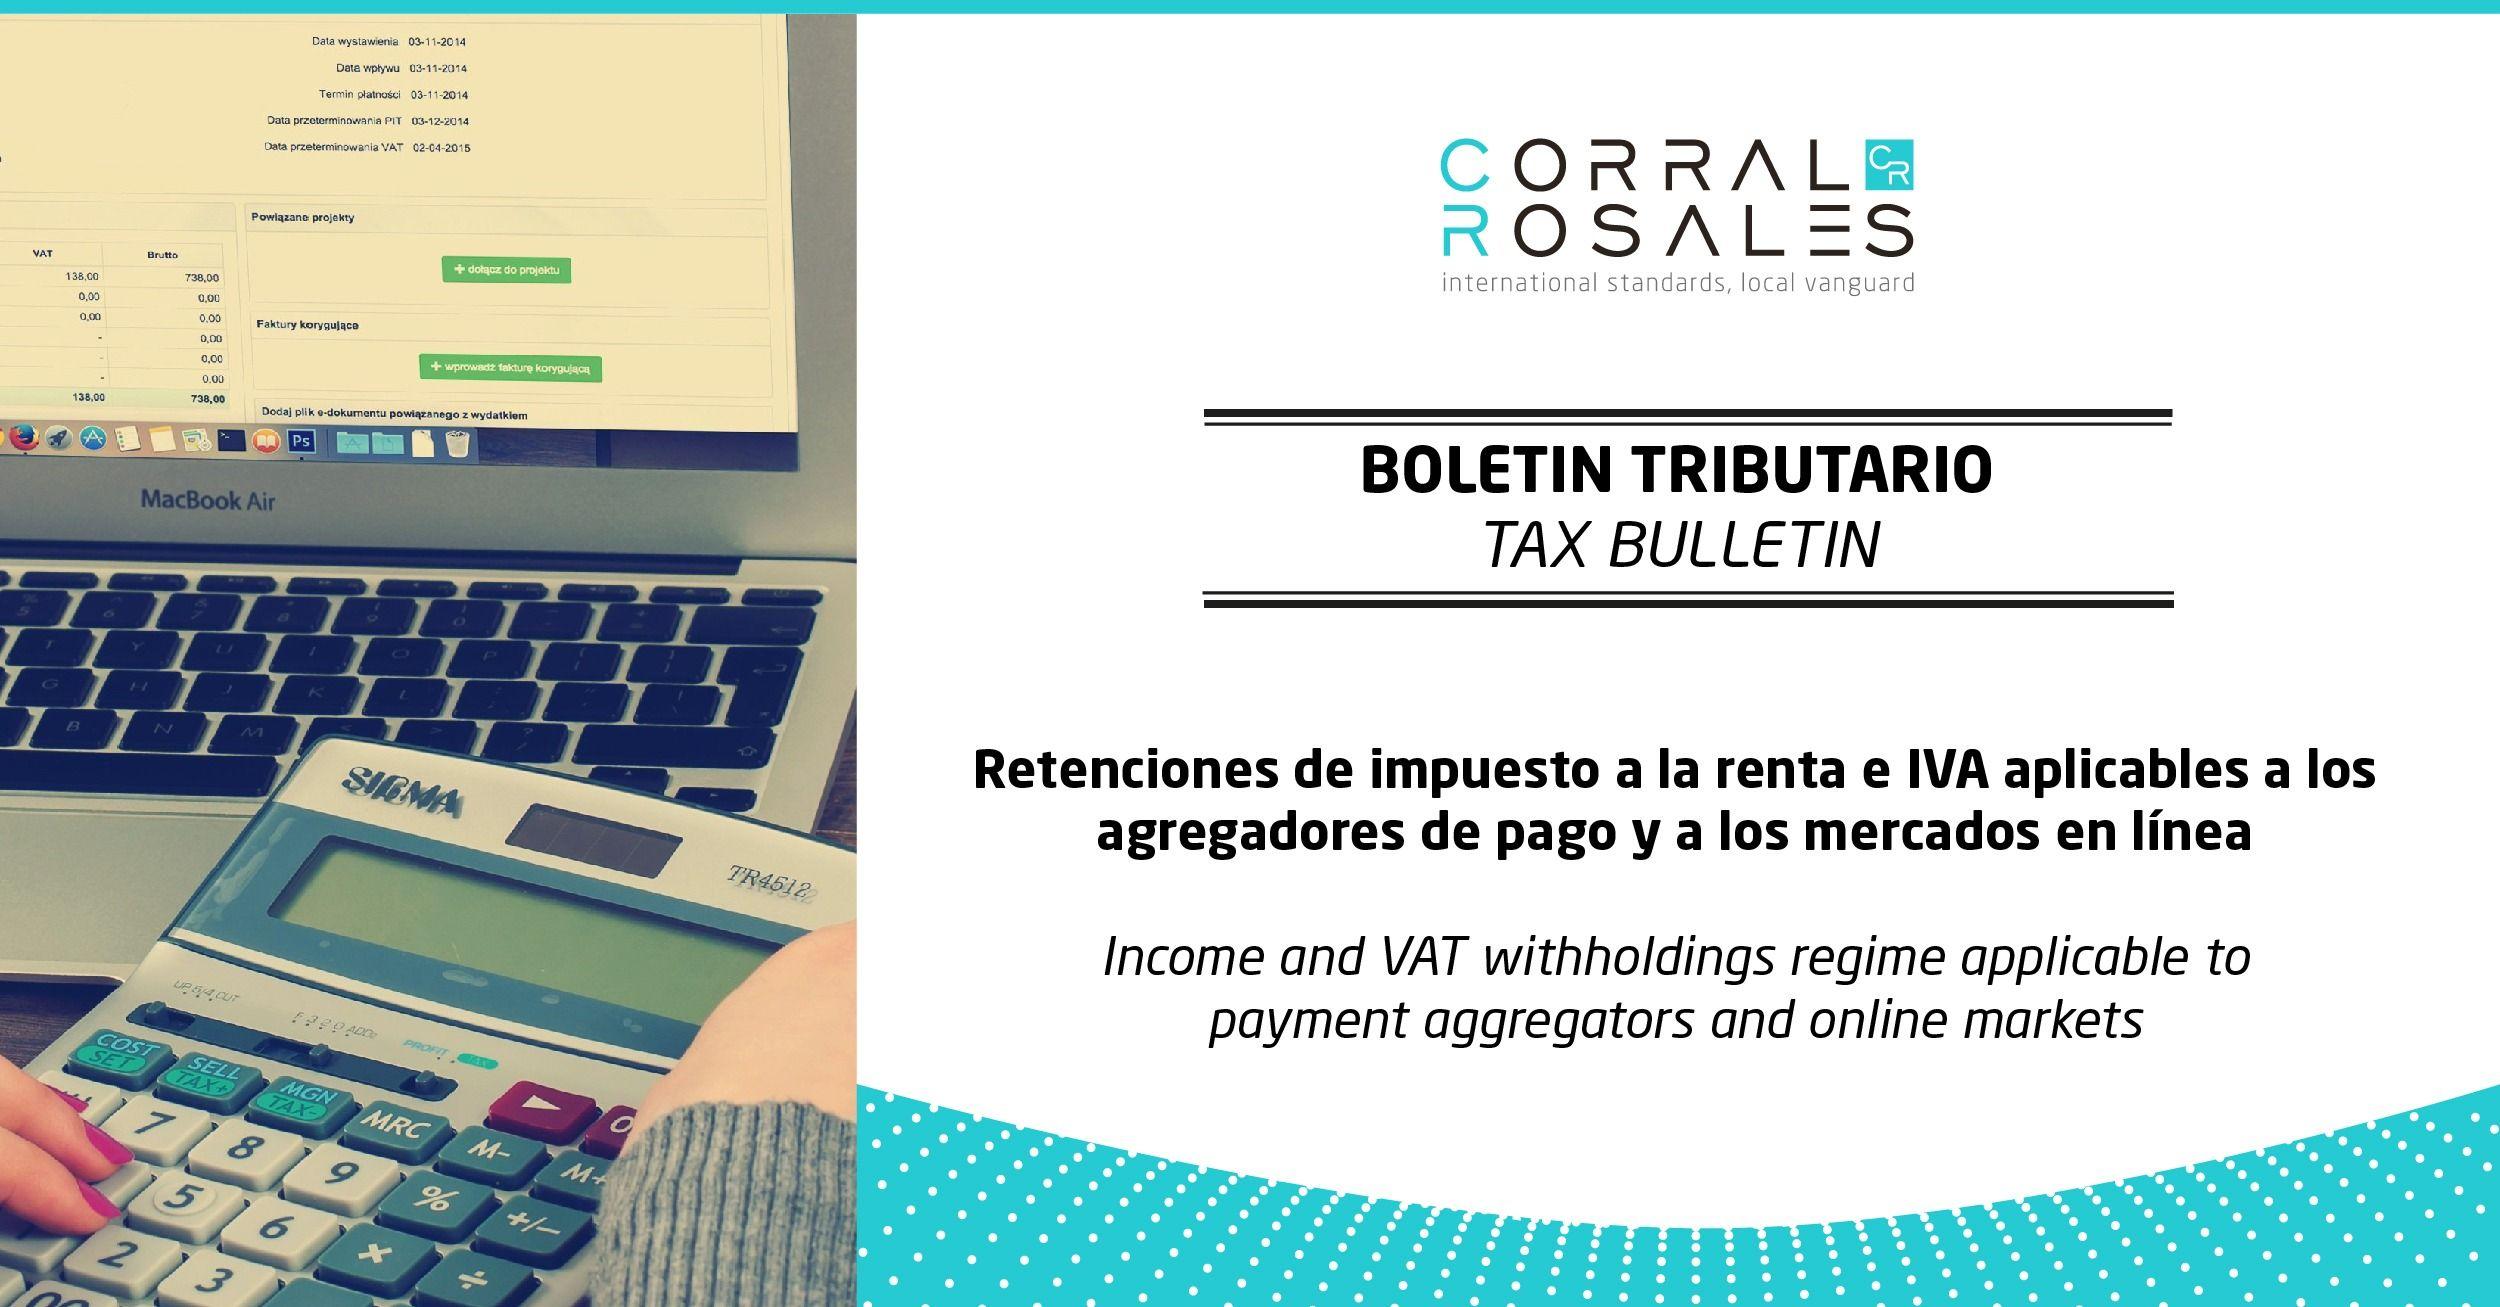 Retenciones de impuesto a la renta e IVA aplicables a los agregadores de pago y a los mercados en línea - CorralRosales - Abogados Ecuador